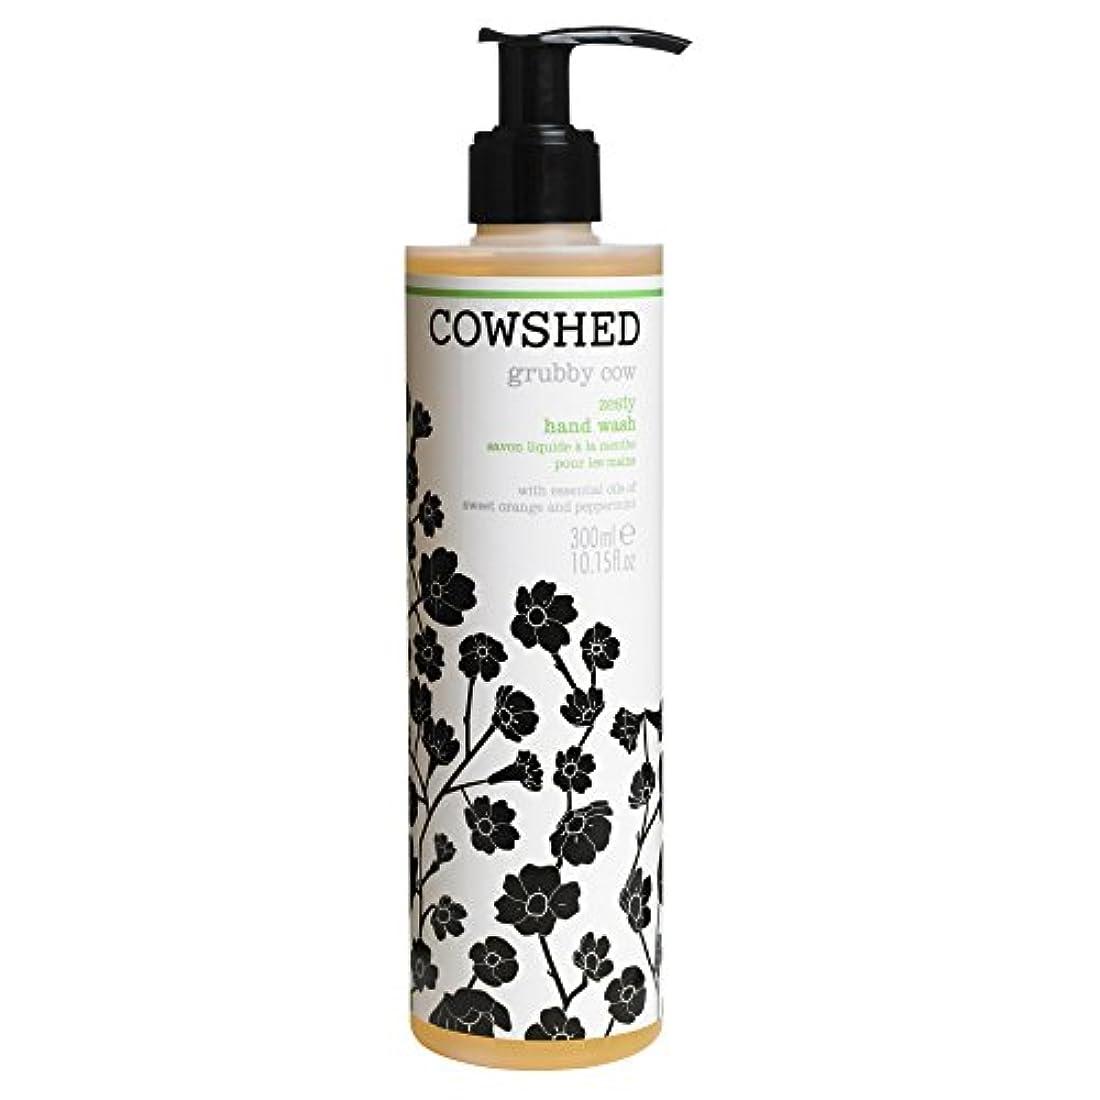 過敏な同一の不忠牛舎汚い牛ピリッハンドウォッシュ300ミリリットル (Cowshed) - Cowshed Grubby Cow Zesty Hand Wash 300ml [並行輸入品]